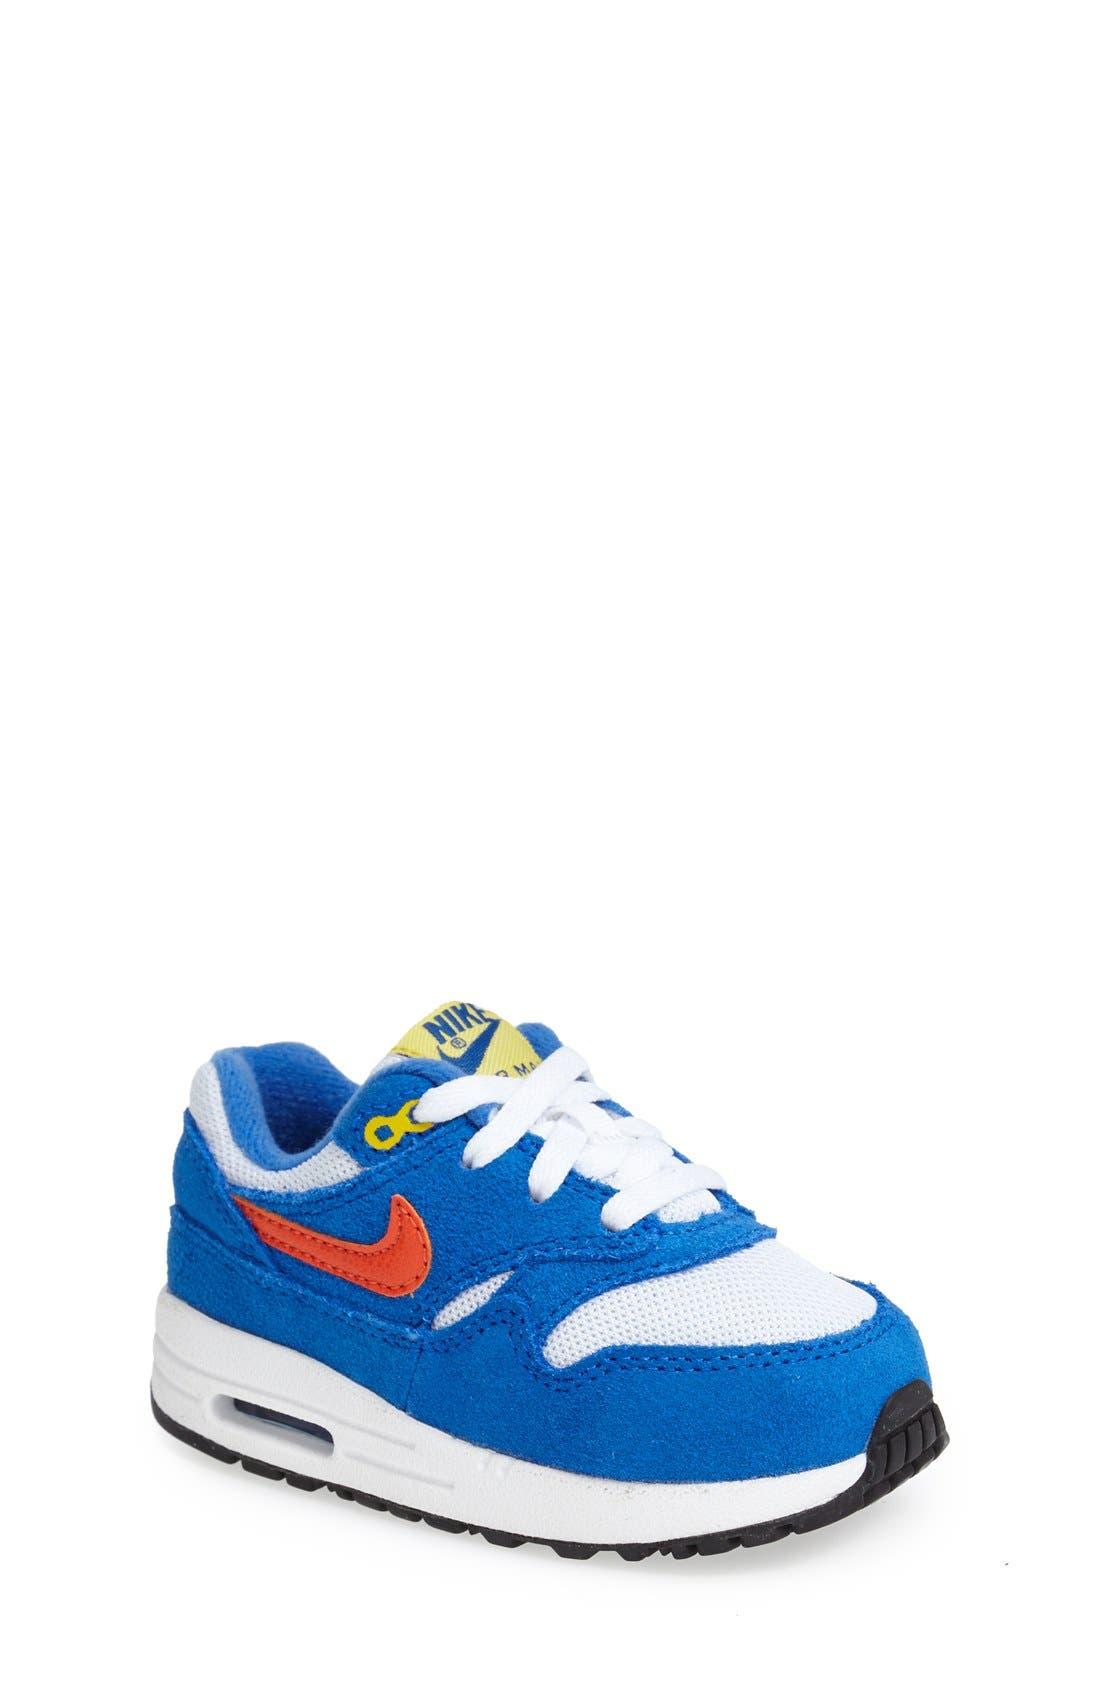 Main Image - Nike 'Air Max 1 TD' Sneaker (Baby, Walker & Toddler)